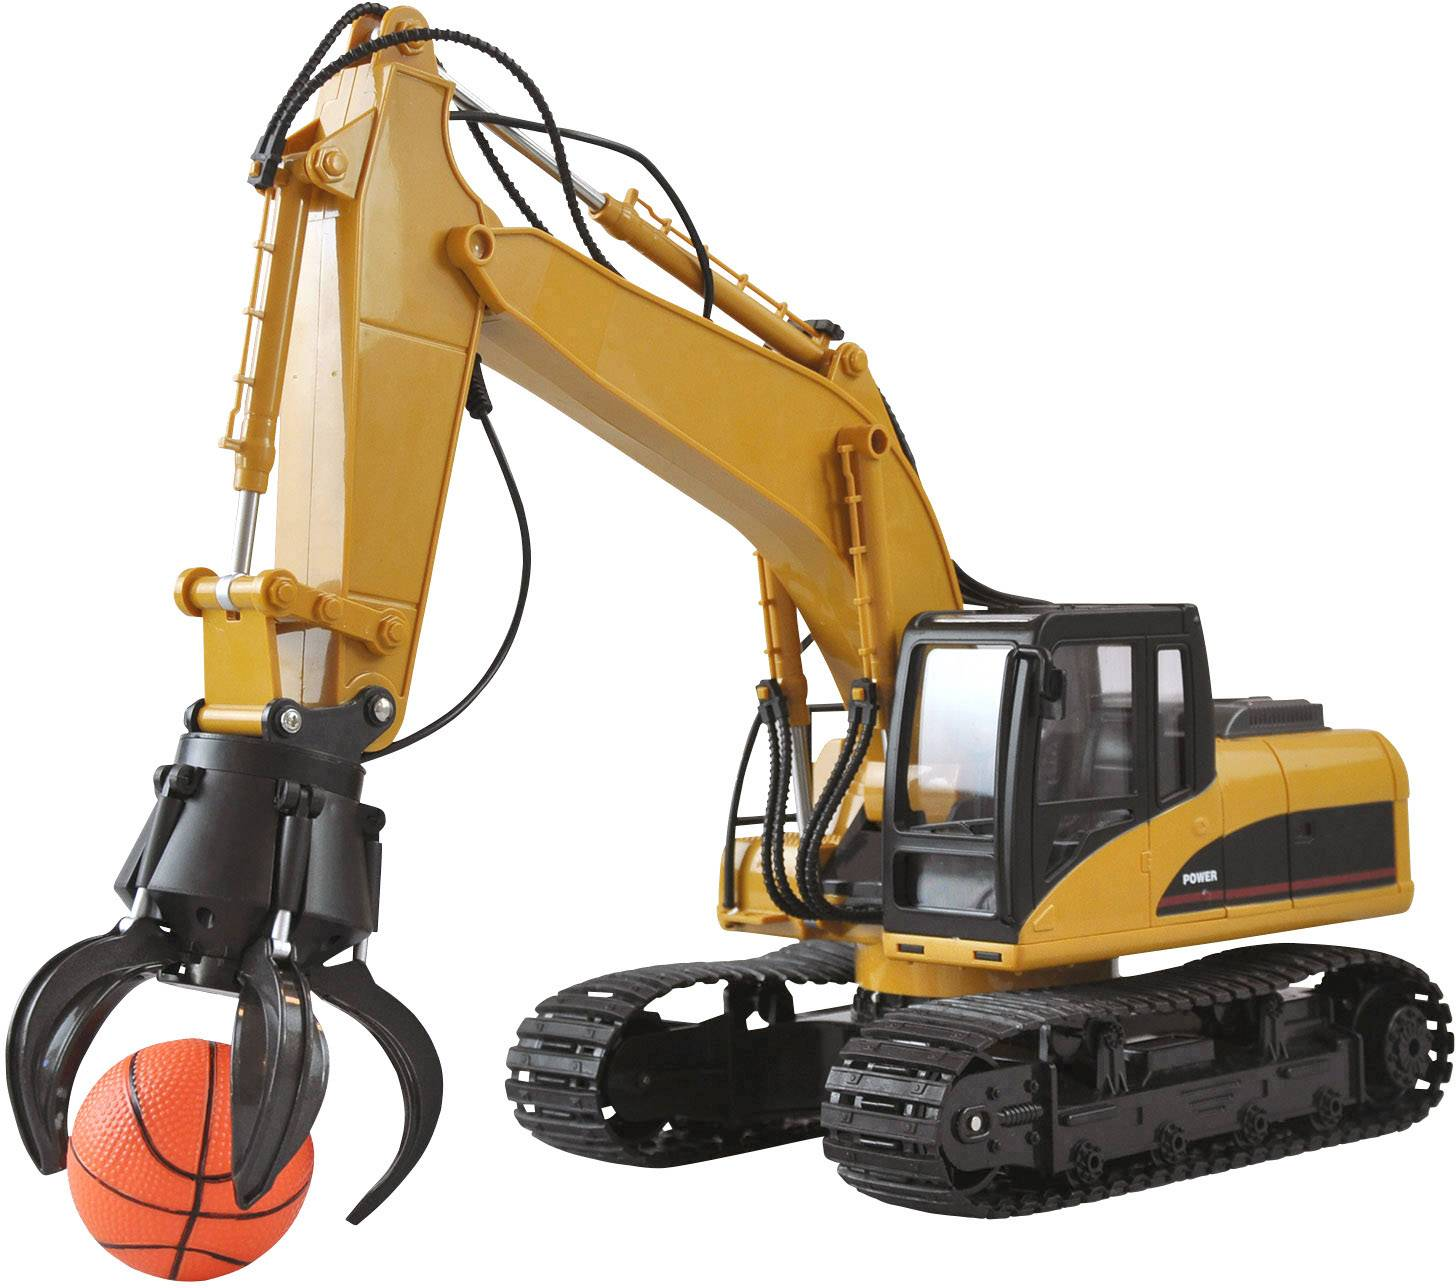 Amewi  1:14 rc funkcijski model za početnike građevinsko vozilo uklj. baterija i kabel za punjenje